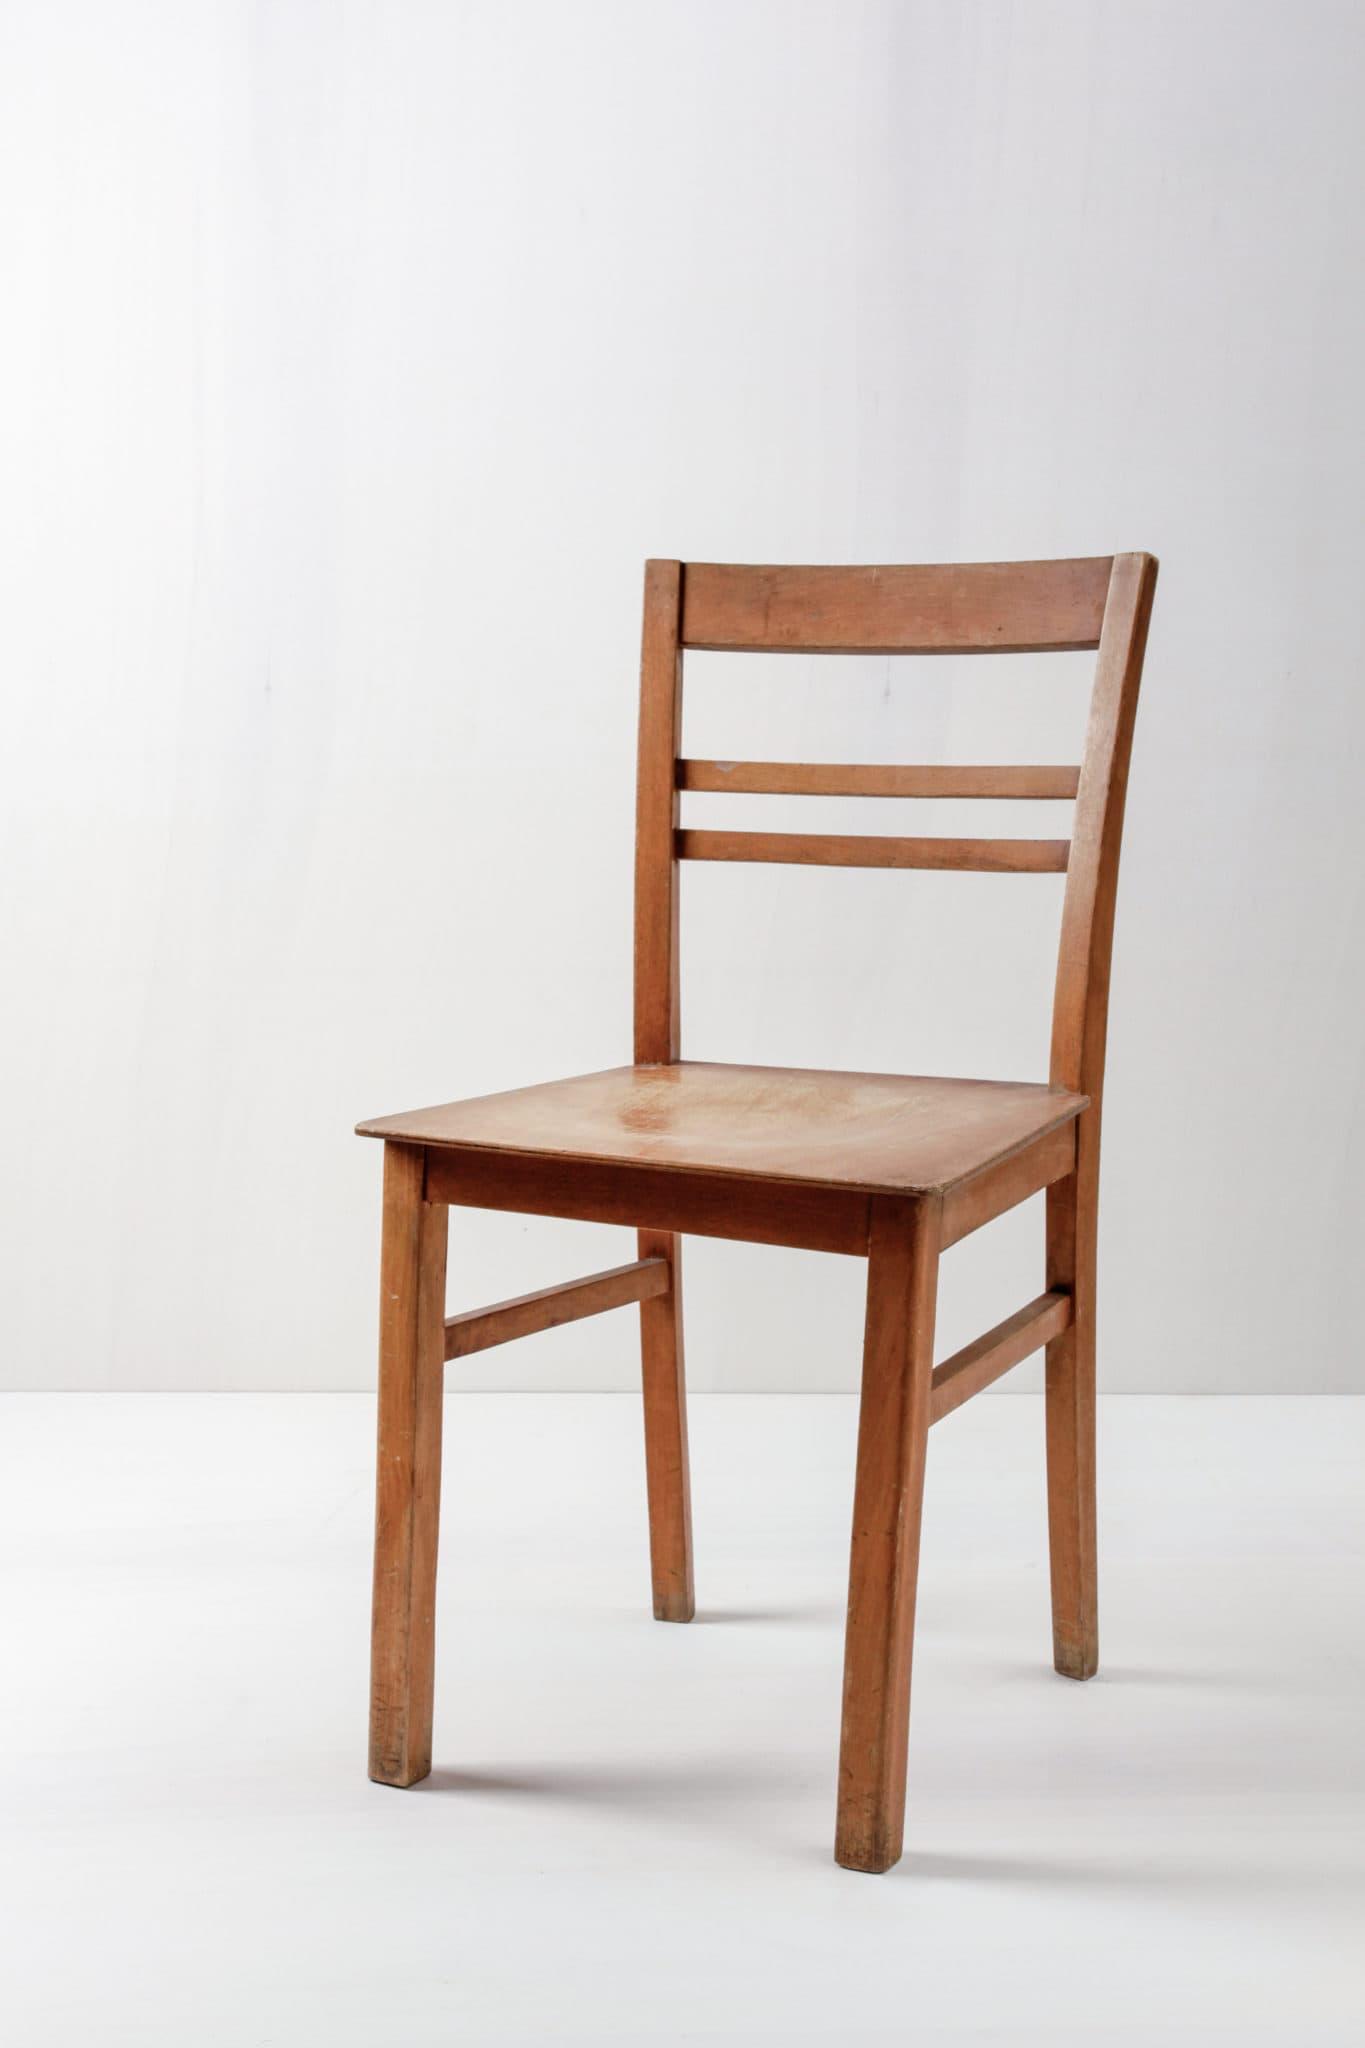 Esszimmerstühle, Bauhaus Stil, Holzstuhl mieten für dein Event